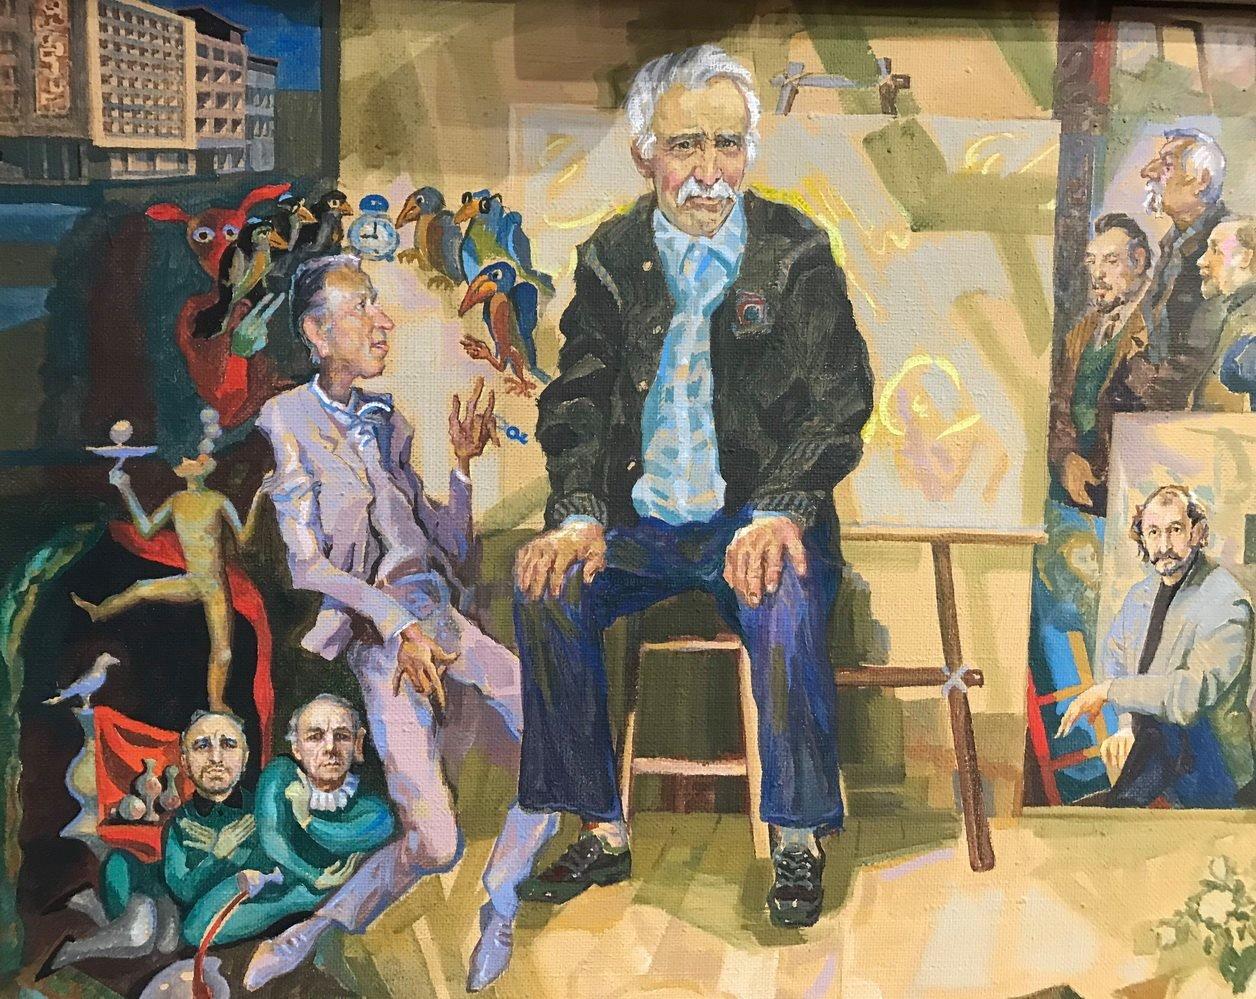 Із виставки у Франківську зняли картину через скарги. ФОТО, фото-8